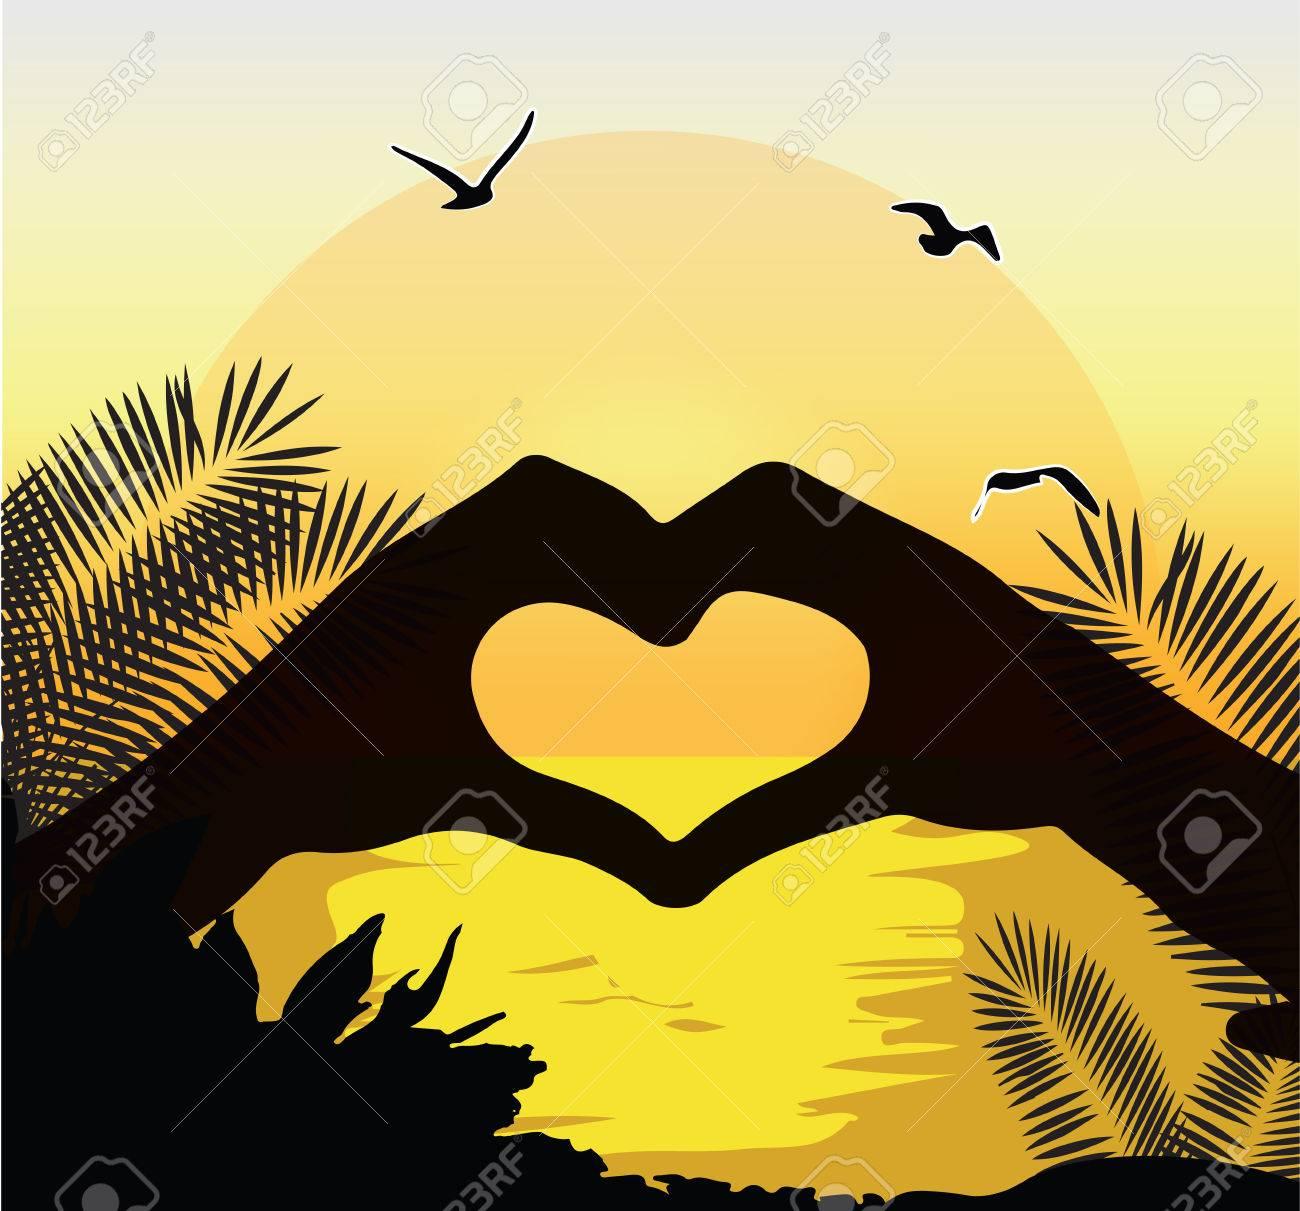 Paar Küssen Silhouette Sonnenuntergang Am Strand Romantischen Moment Gelben  Himmel Palme Vektor Lizenzfrei Nutzbare Vektorgrafiken, Clip Arts,  Illustrationen. Image 55601895.